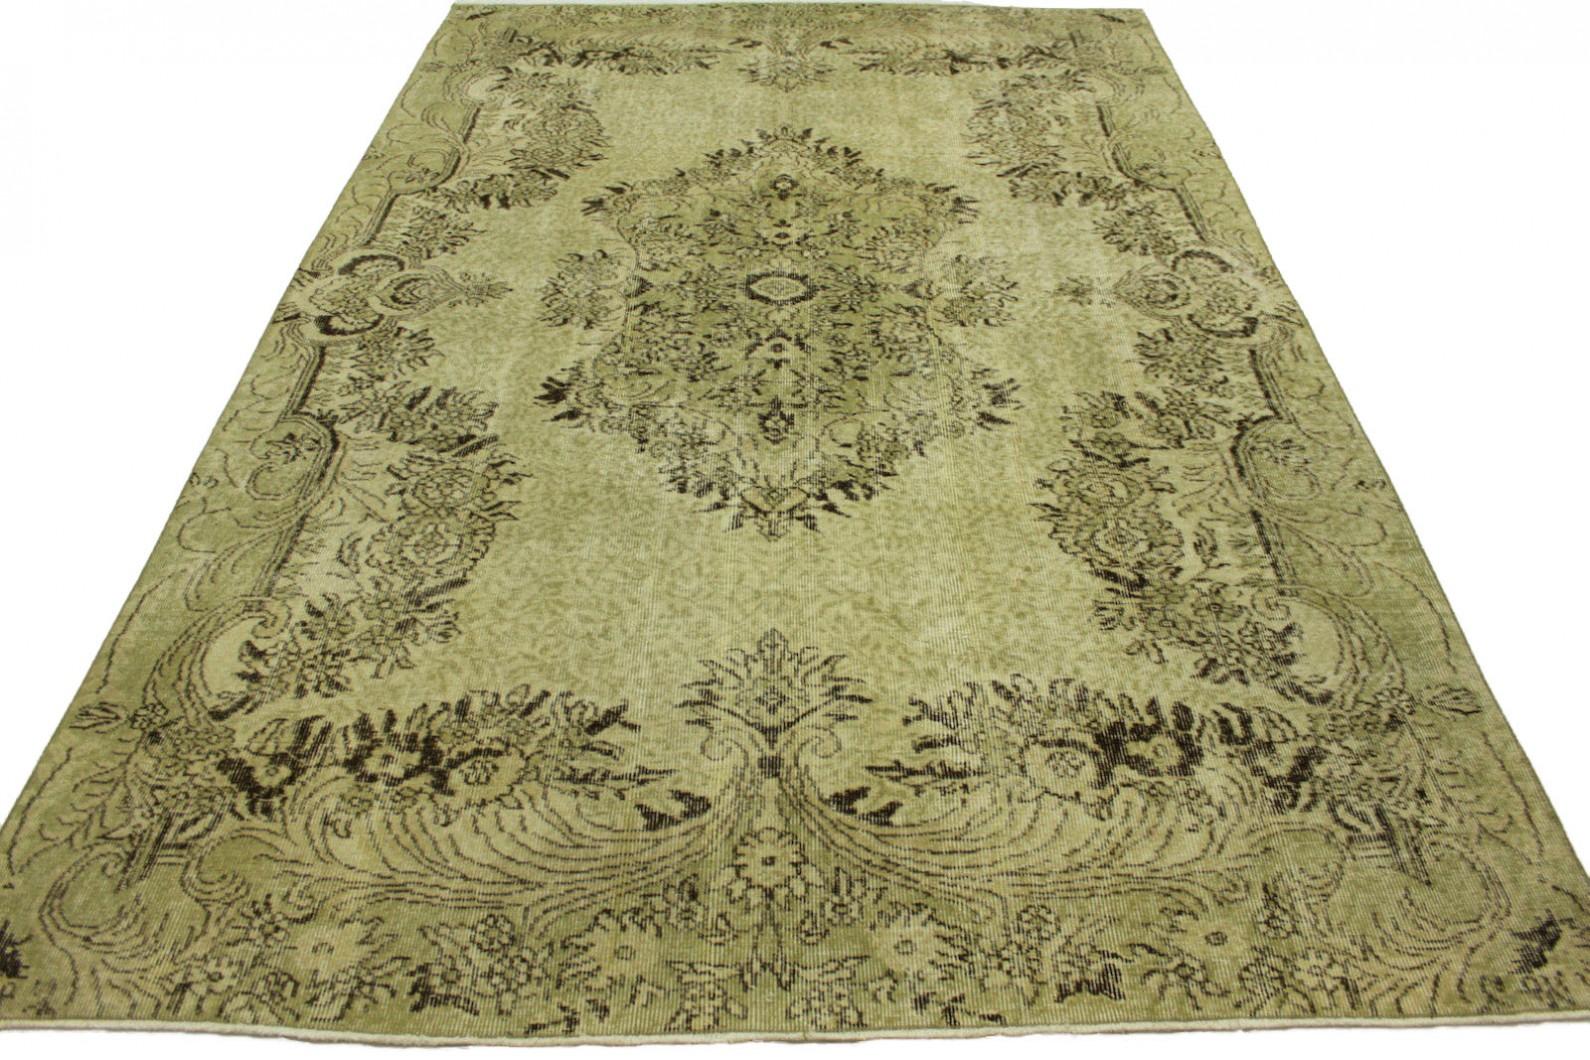 Vintage Teppich Grau in 300x200cm (1 / 3)